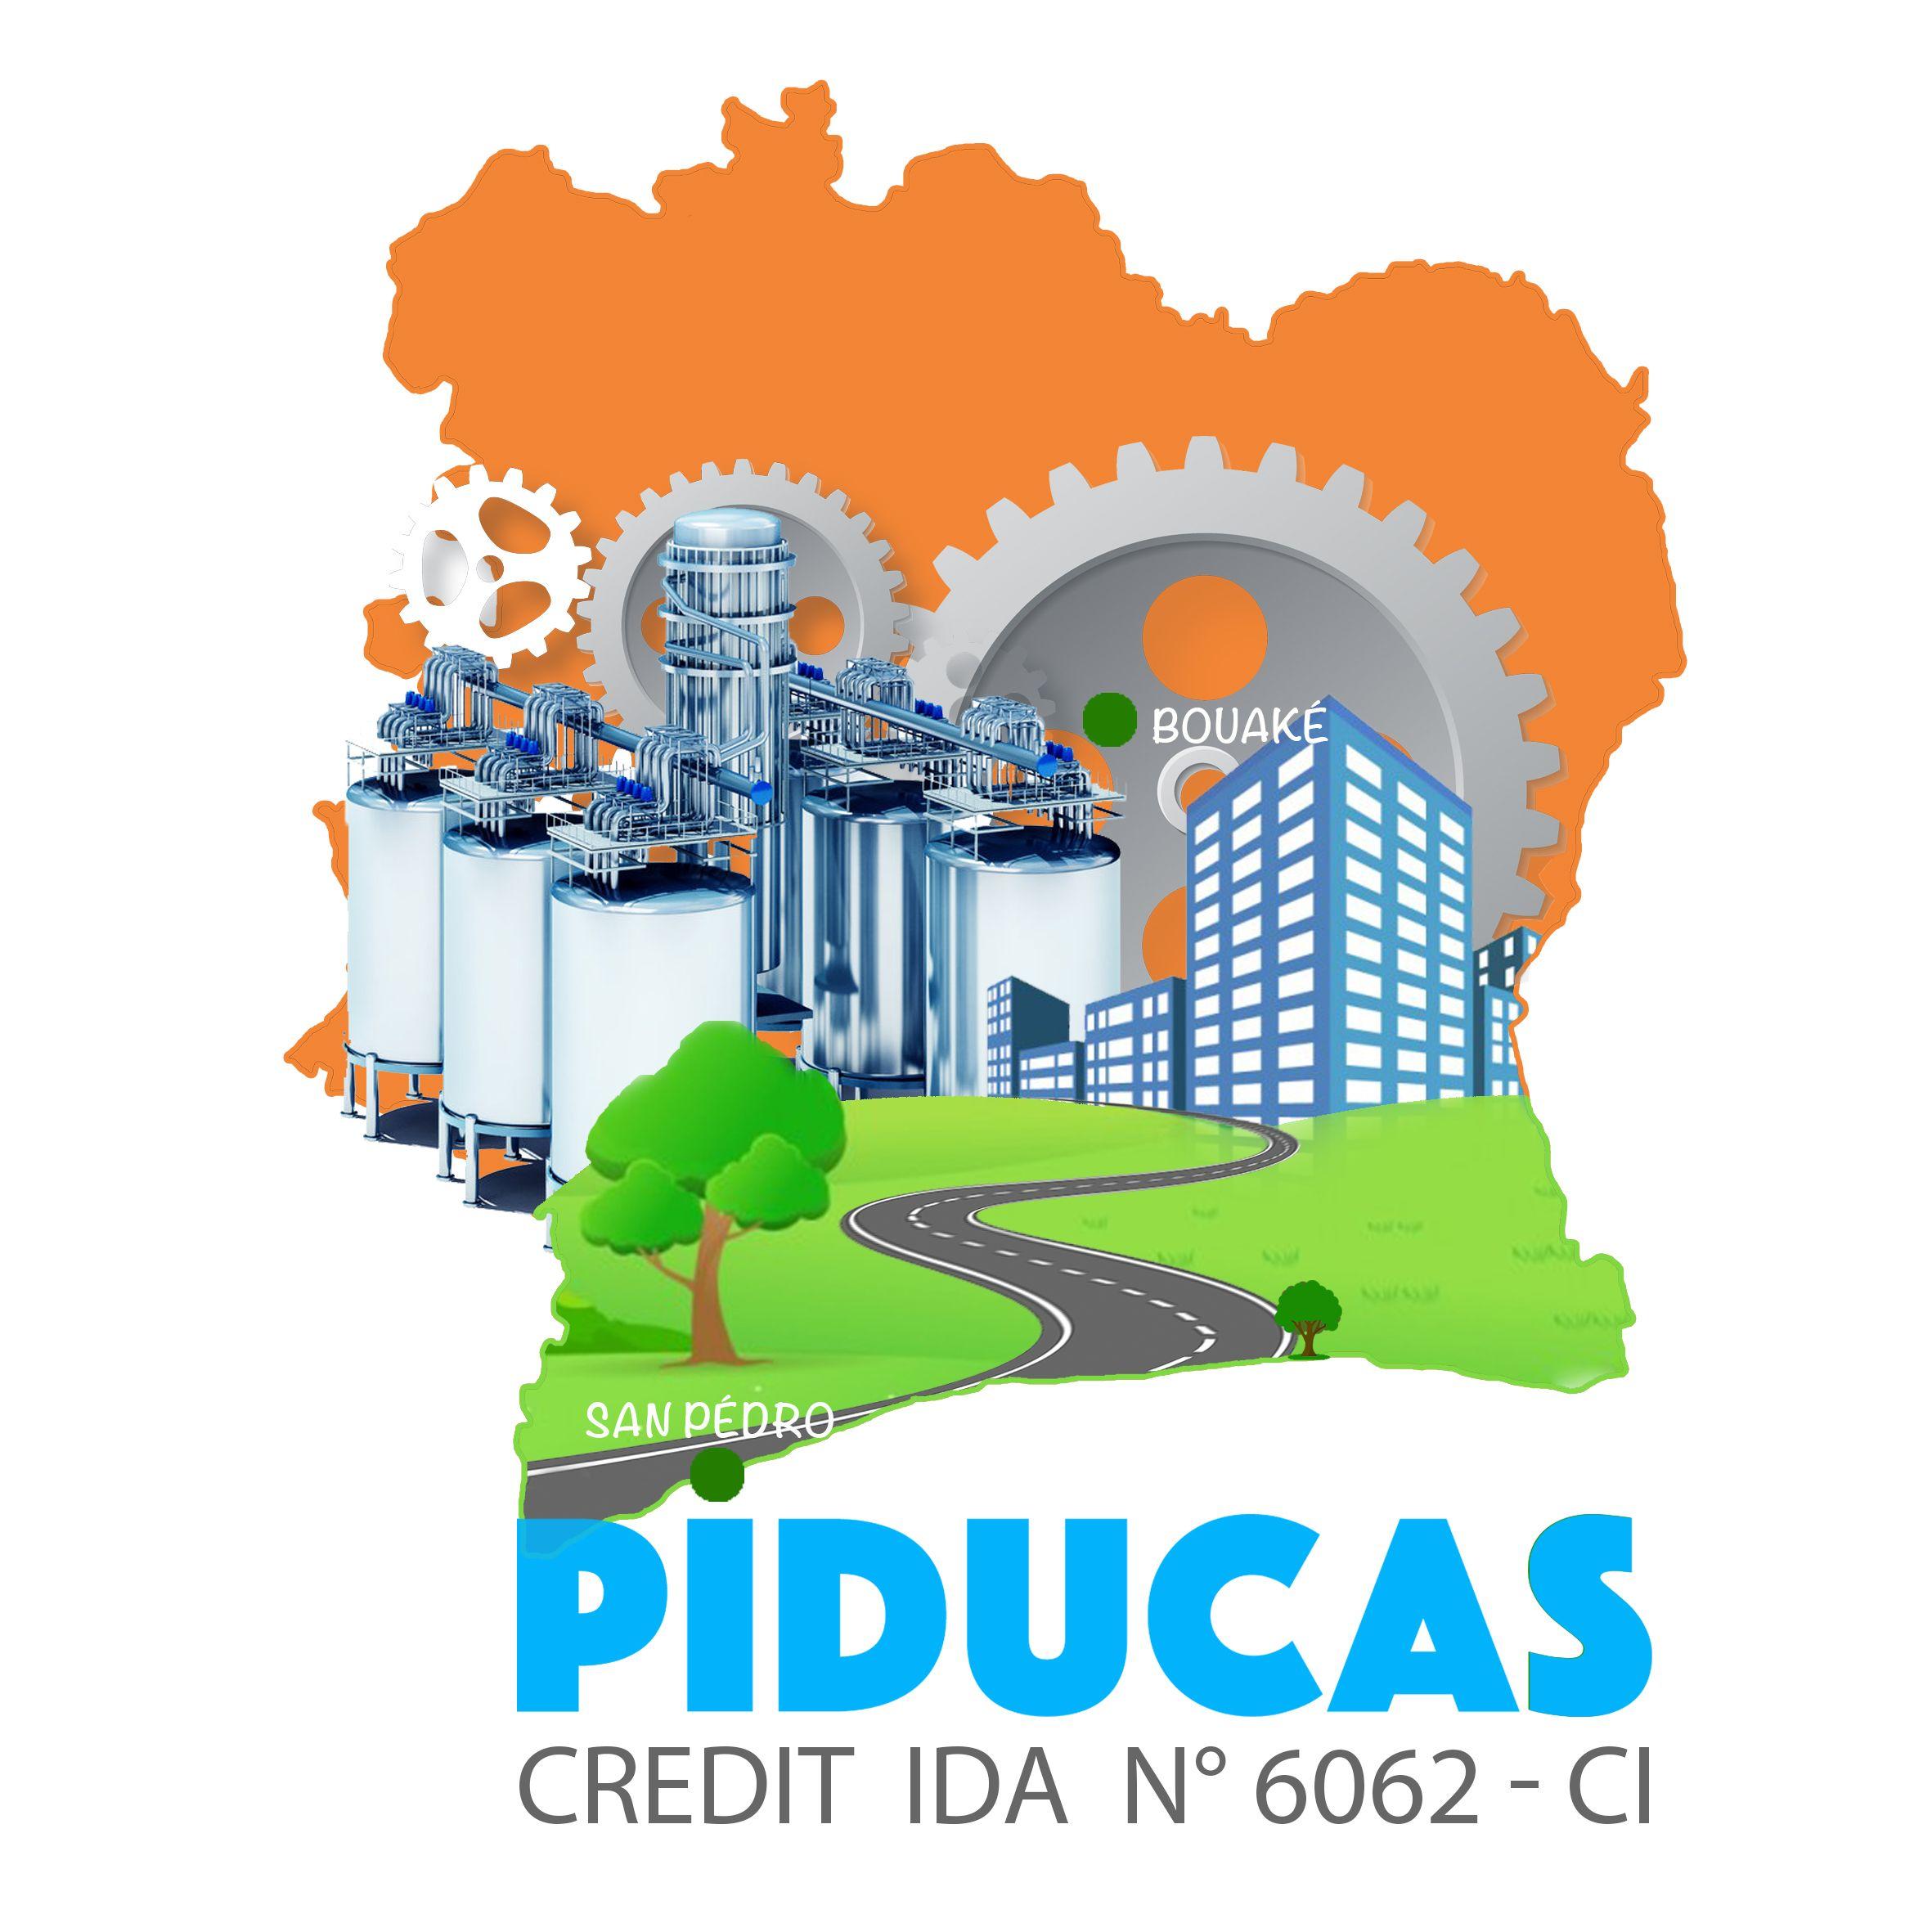 IMAGE-PIDUCAS-Slide